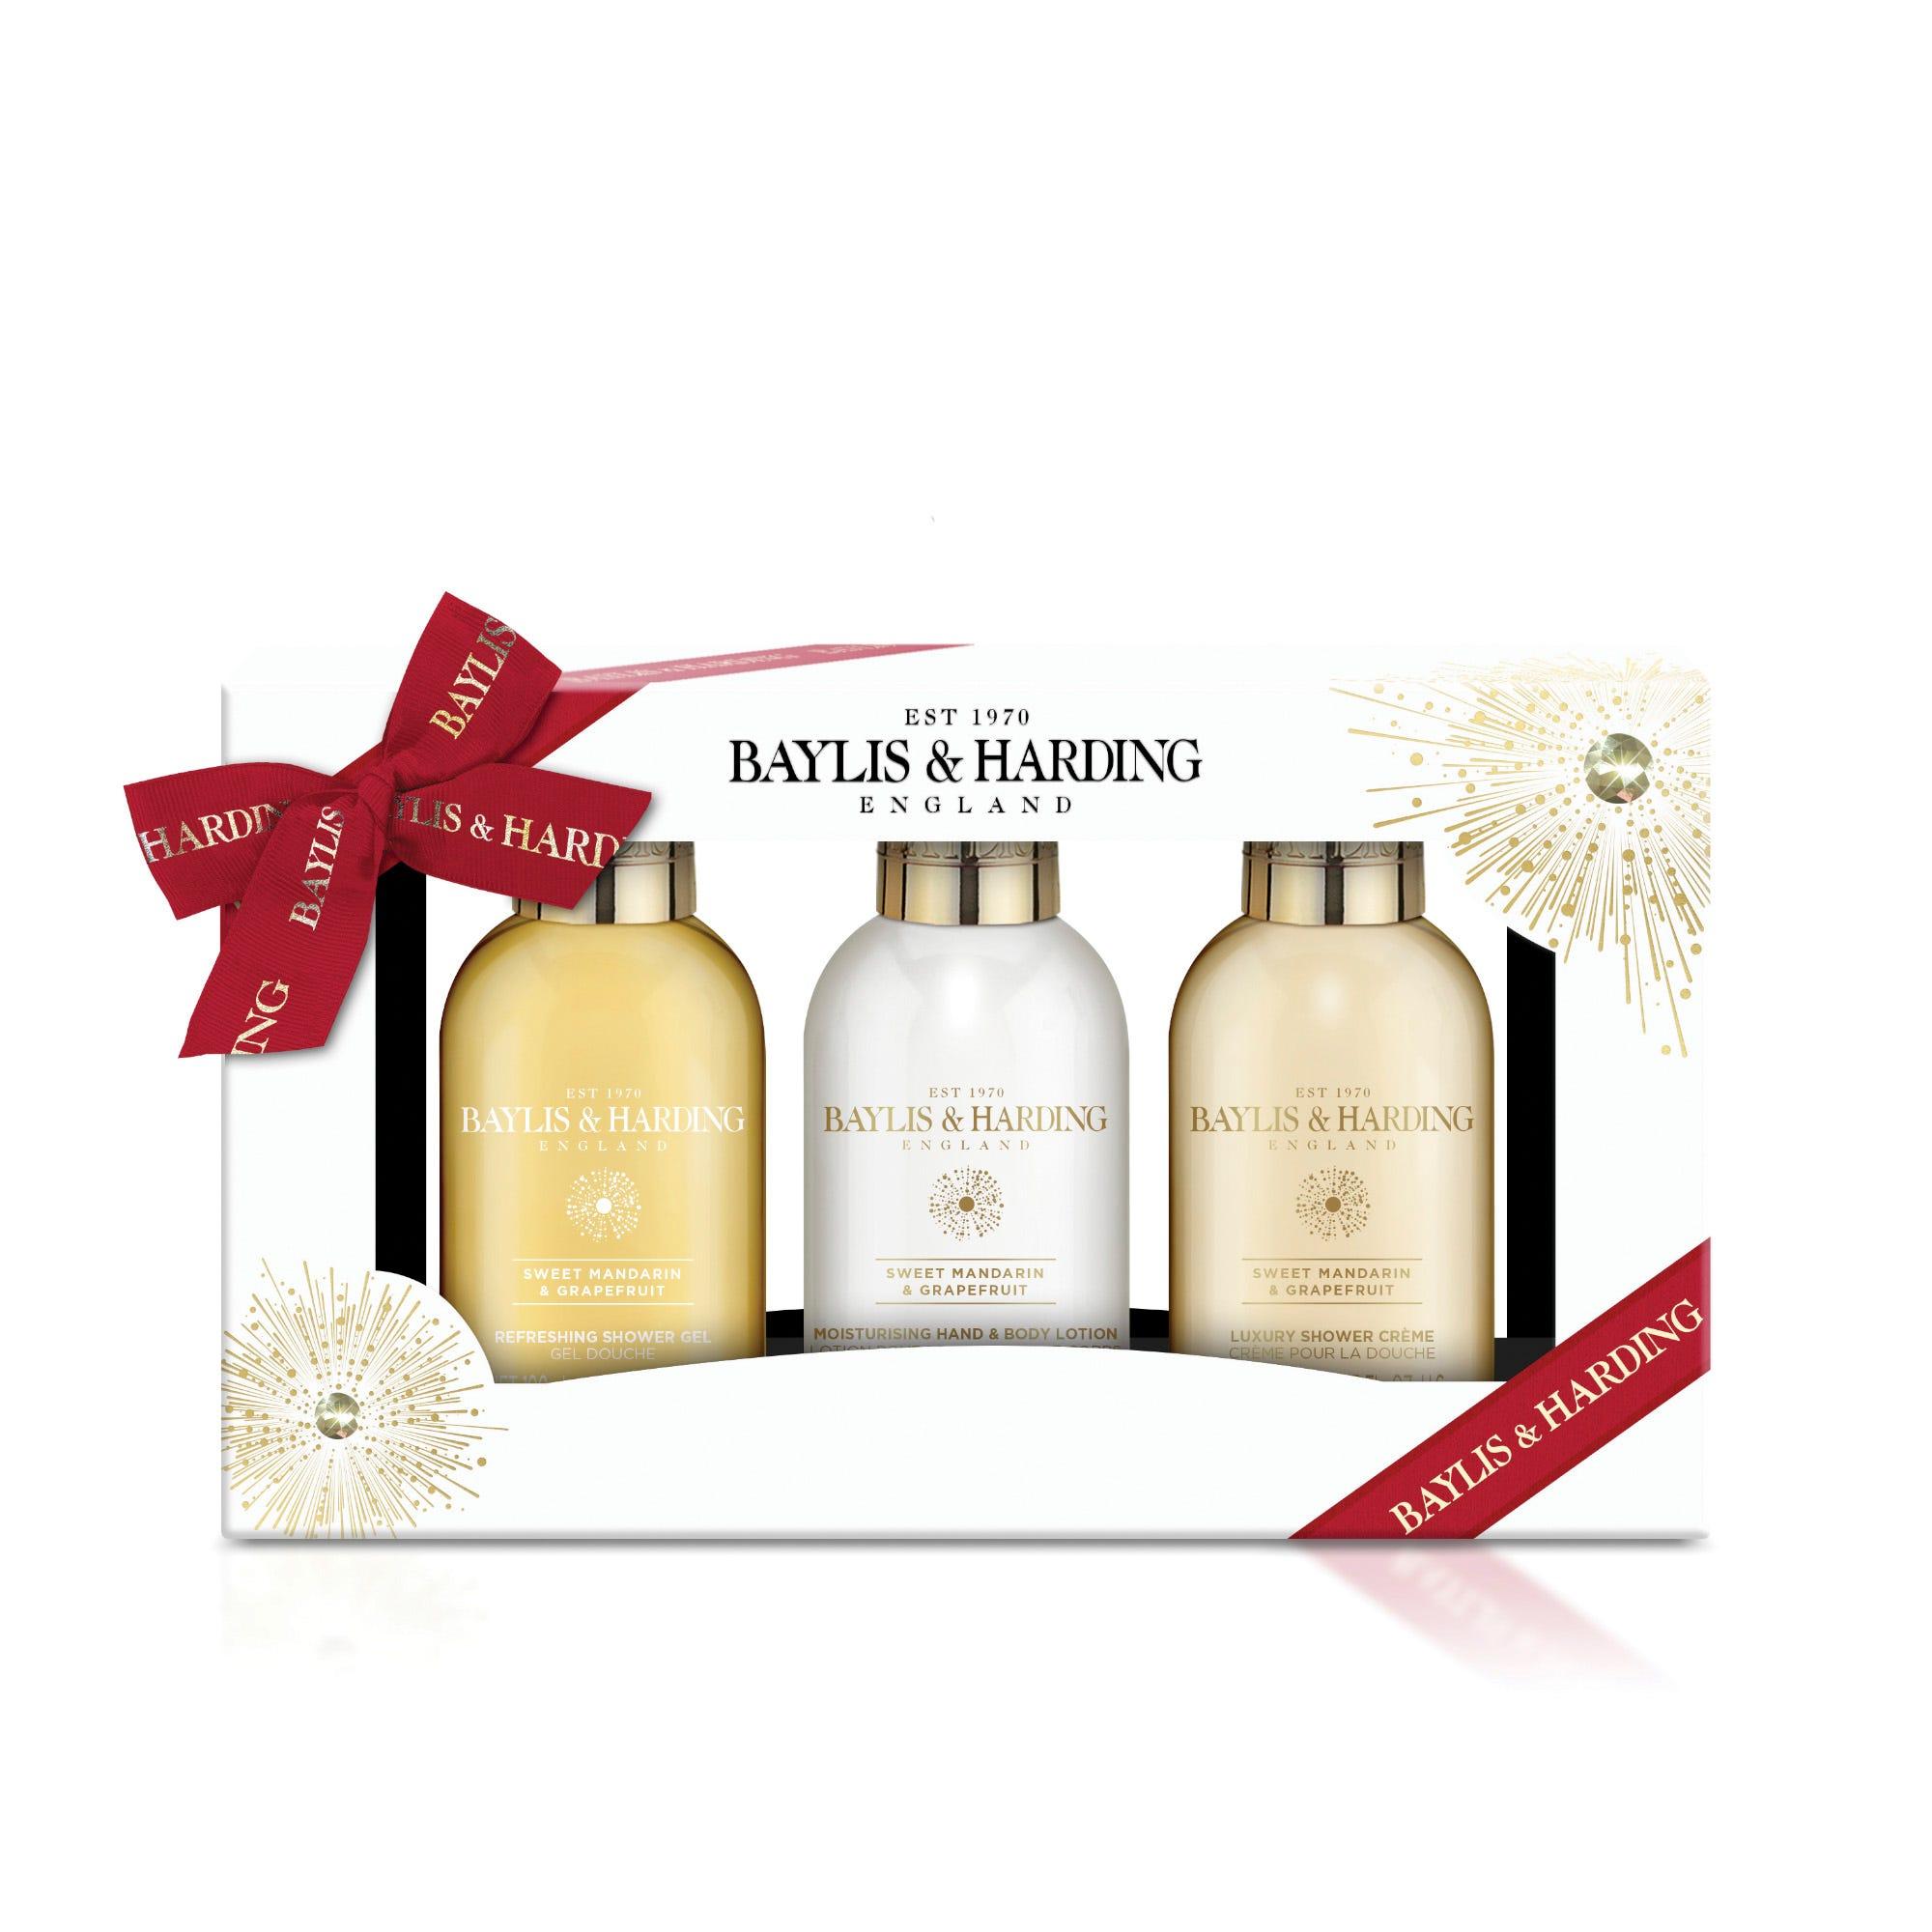 Set de gel de baño, loción corporal y crema de baño Baylis & Harding aroma mandarina y uva, 3 piezas